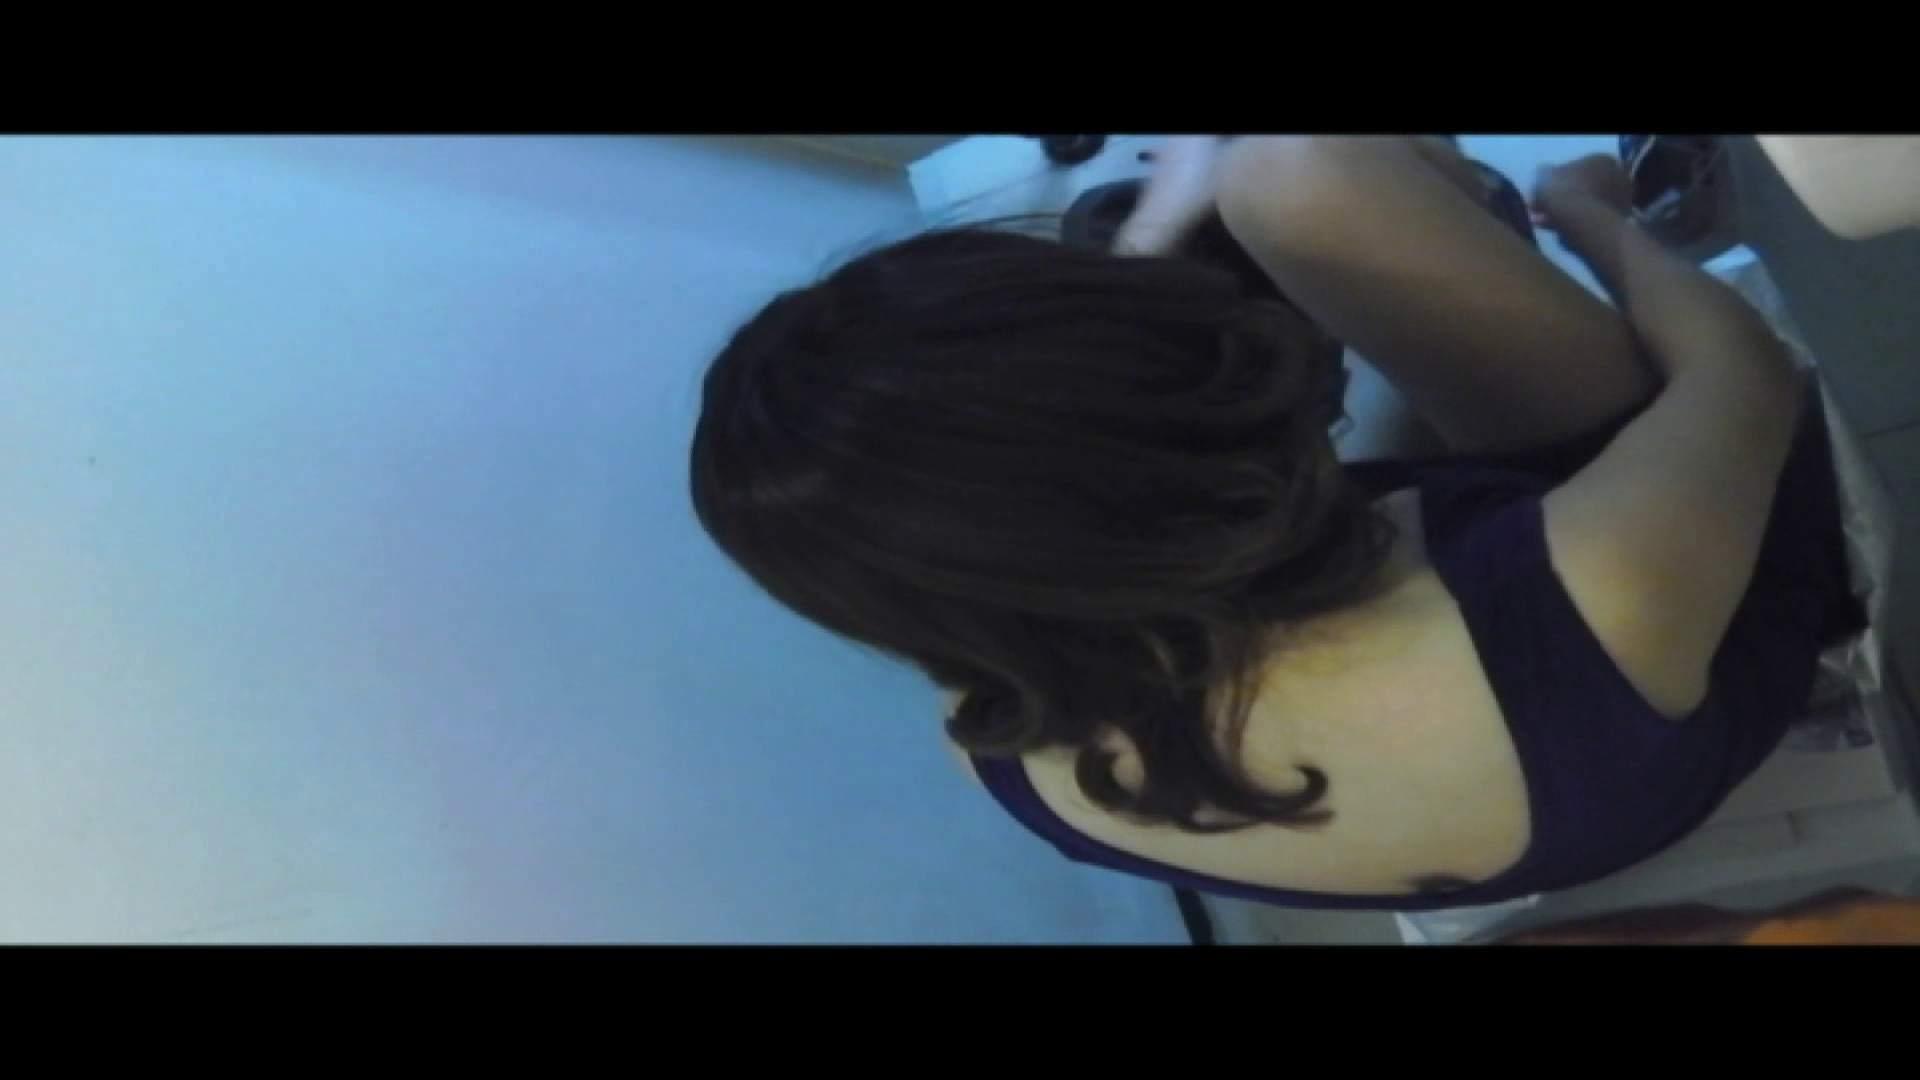 世界の射窓から vol.30 巨乳 すけべAV動画紹介 99枚 23